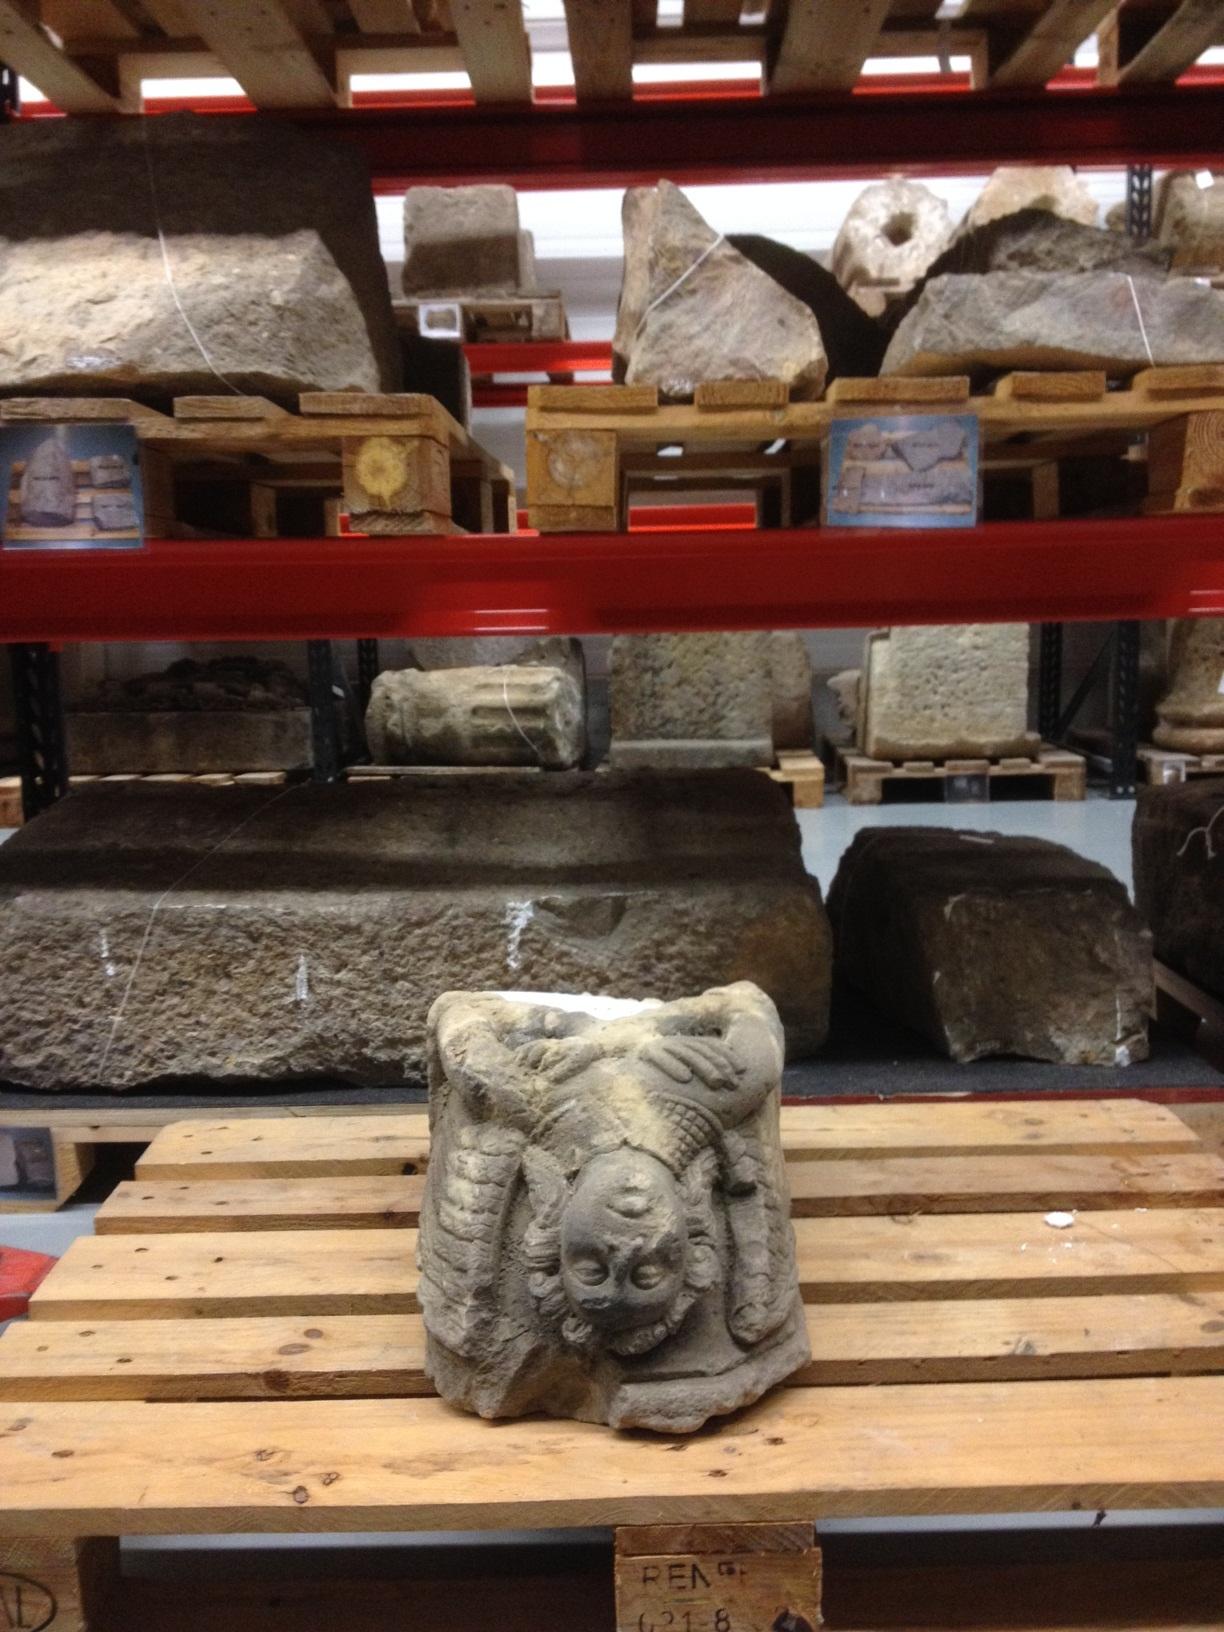 Detall de la carassa en el magatzem del CCRBM del MUHBA. Foto: MUHBA